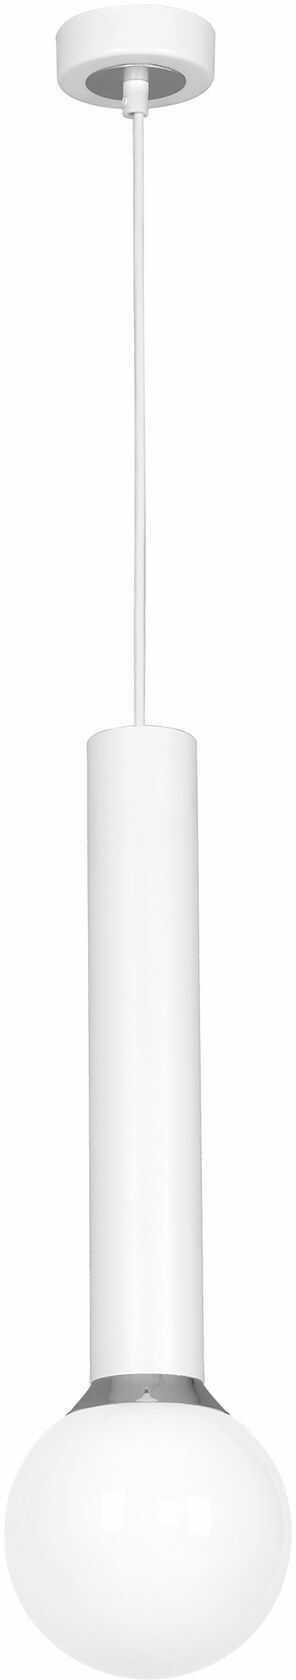 Milagro AURIS WHITE MLP4843 lampa wisząca metalowa biel/ chrom klosz kula szklana 1xE14 14cm